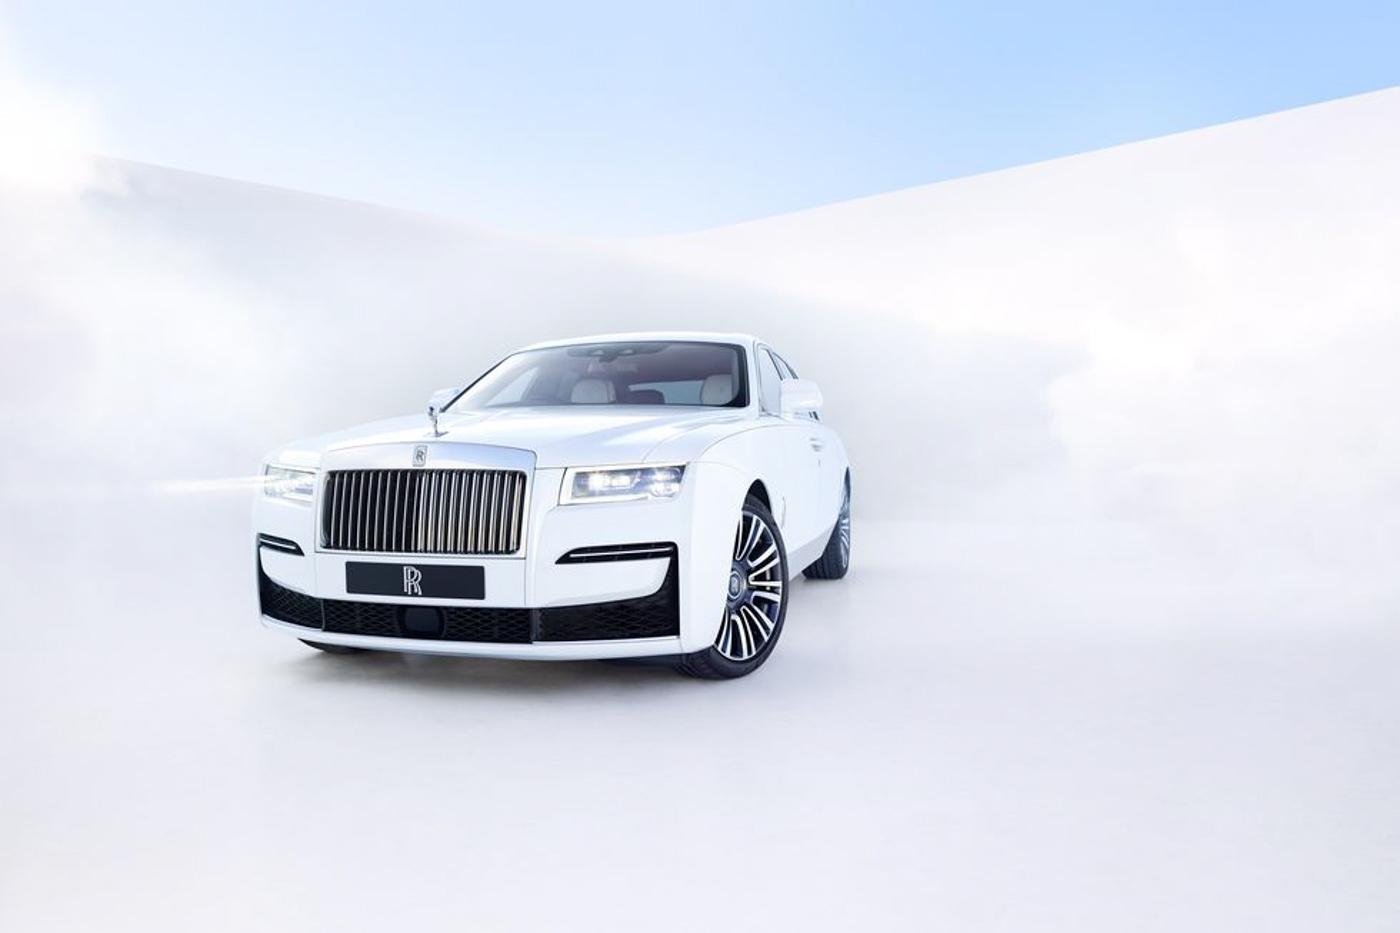 Rolls-Royce-NewGhost-biểu-tượng-xa-hoa-thế-hệ-mới-ra-mắt-khách-hàng-Việt-2.jpg